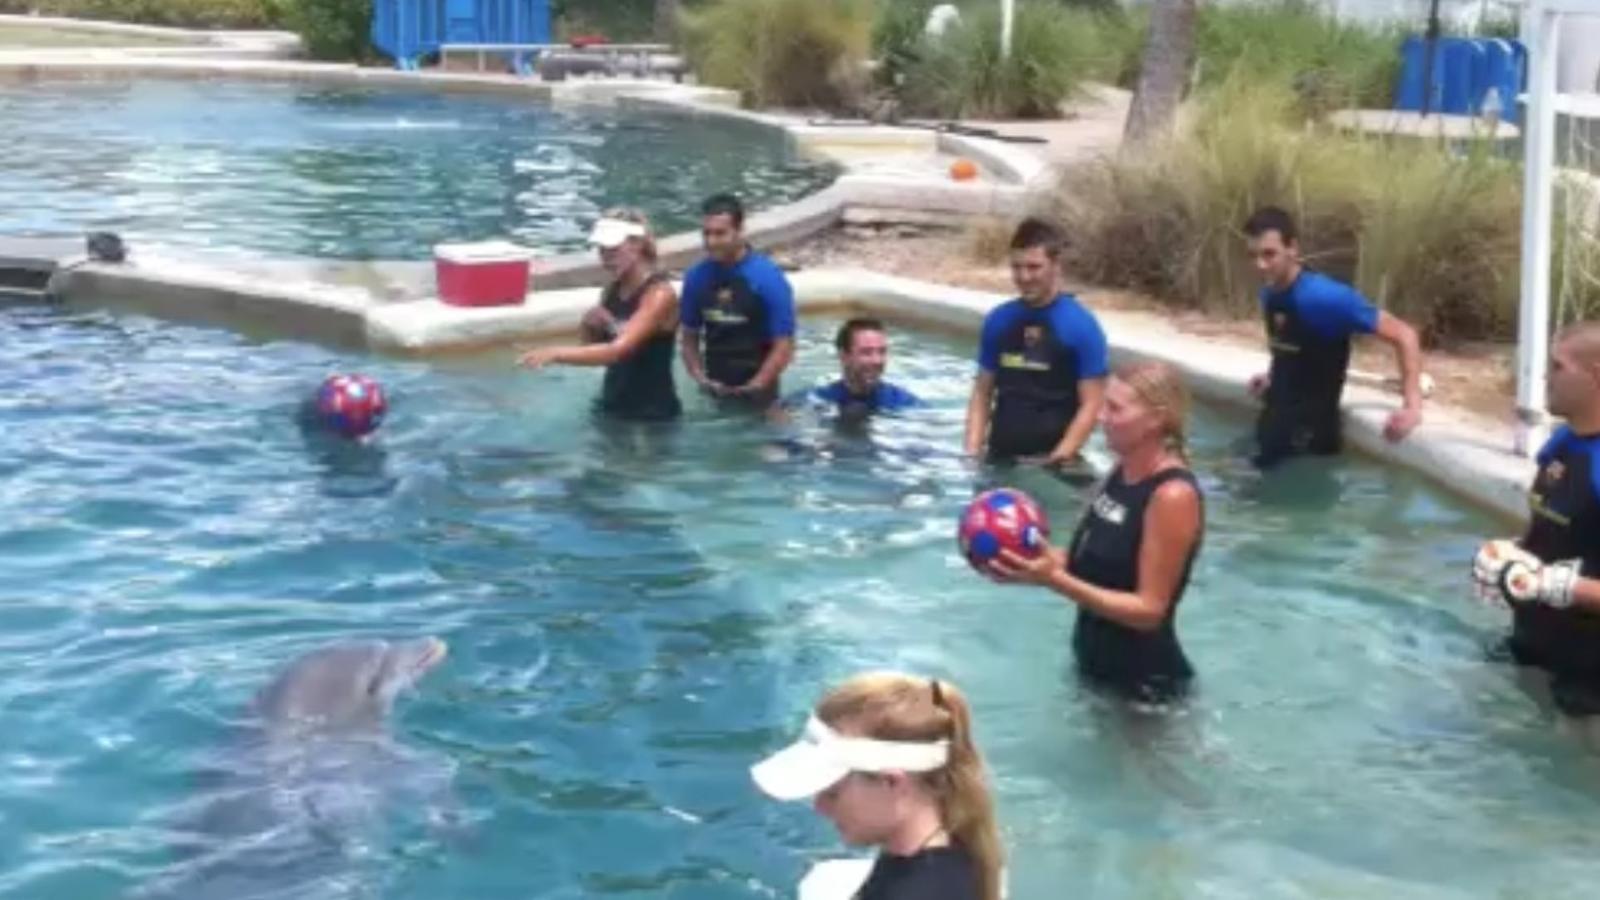 Cinc jugadors del Barça juguen amb dofins